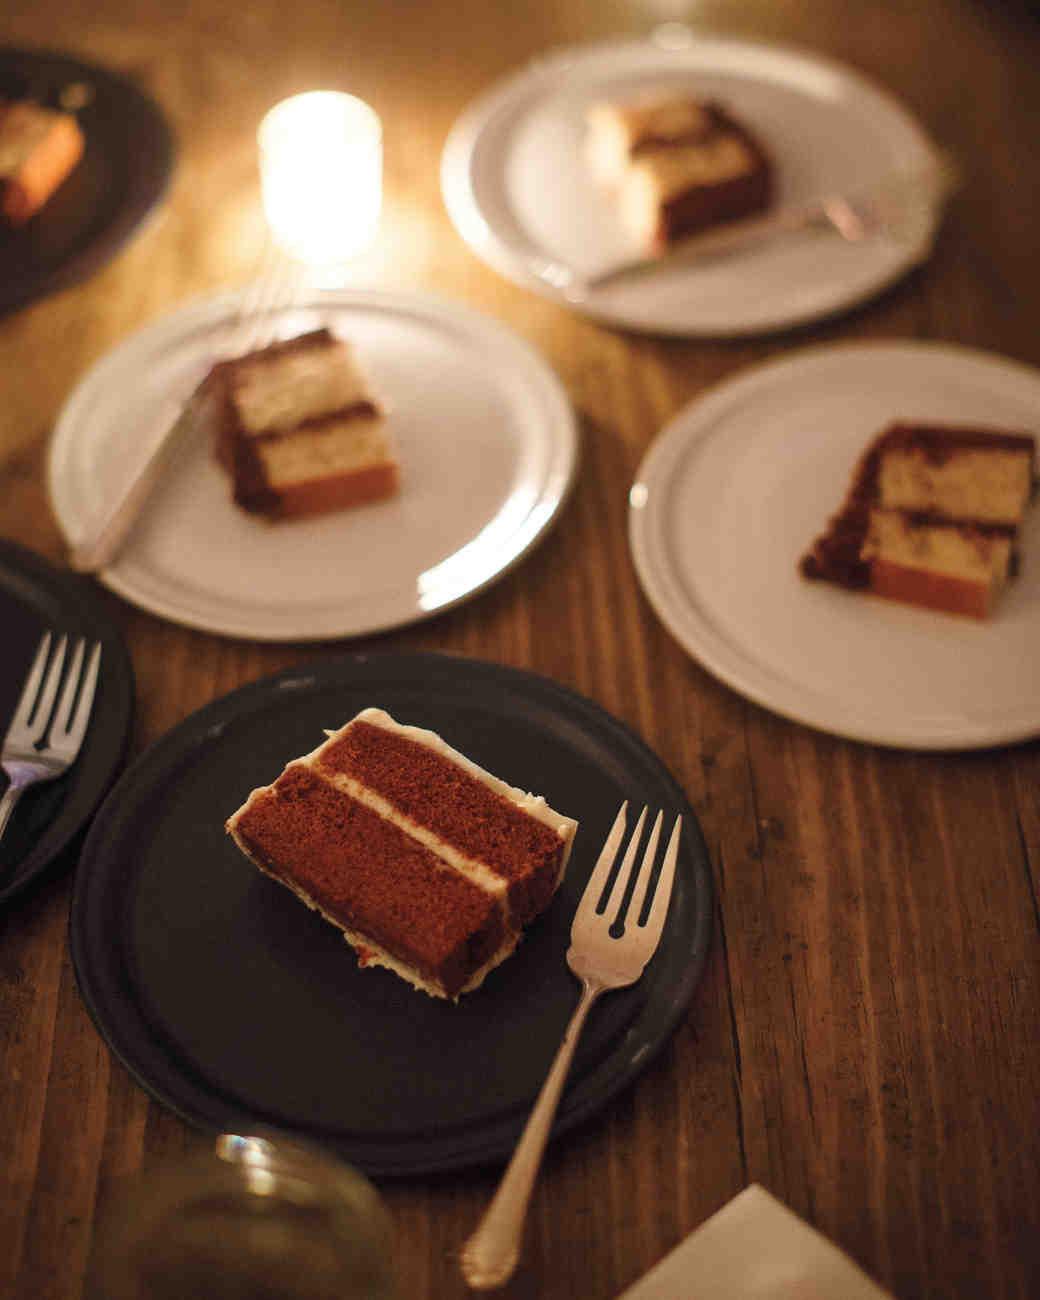 michael-matt-cake-7516-mwds110203.jpg